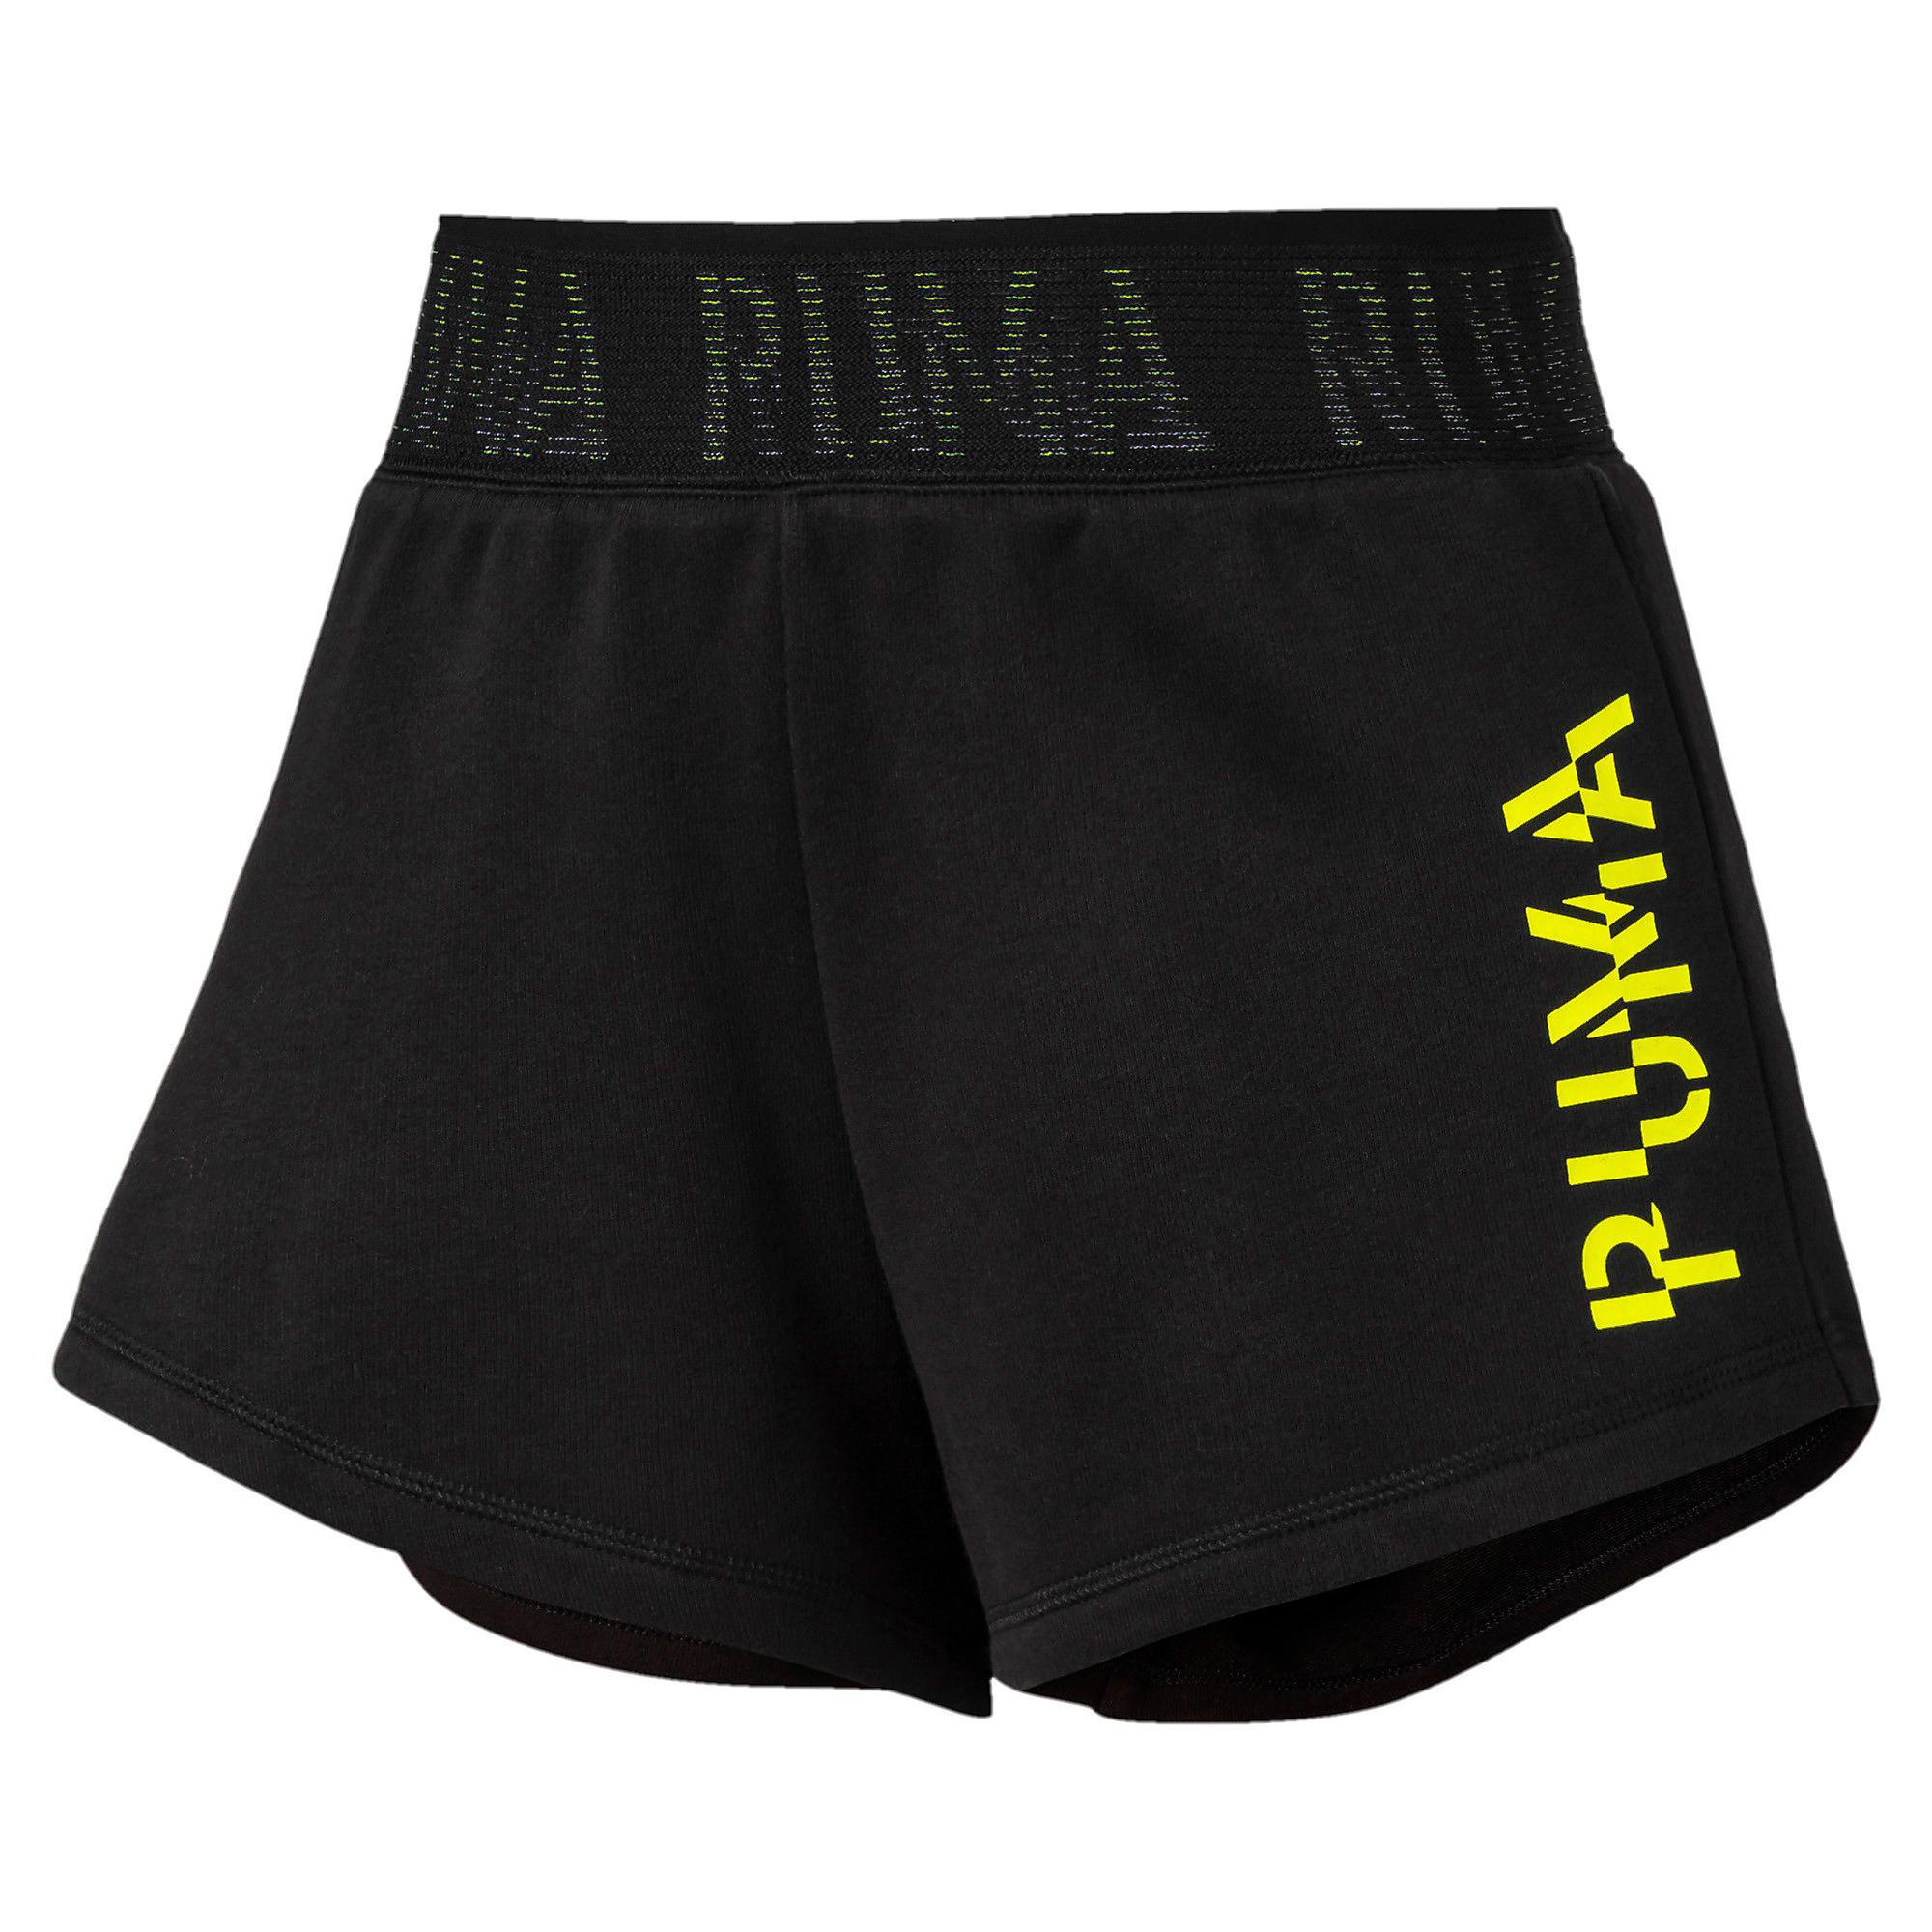 Thumbnail 4 of BE BOLD ウィメンズ トレーニング ショーツ 3インチ, PumaBlack-yellow alert'PUMA', medium-JPN